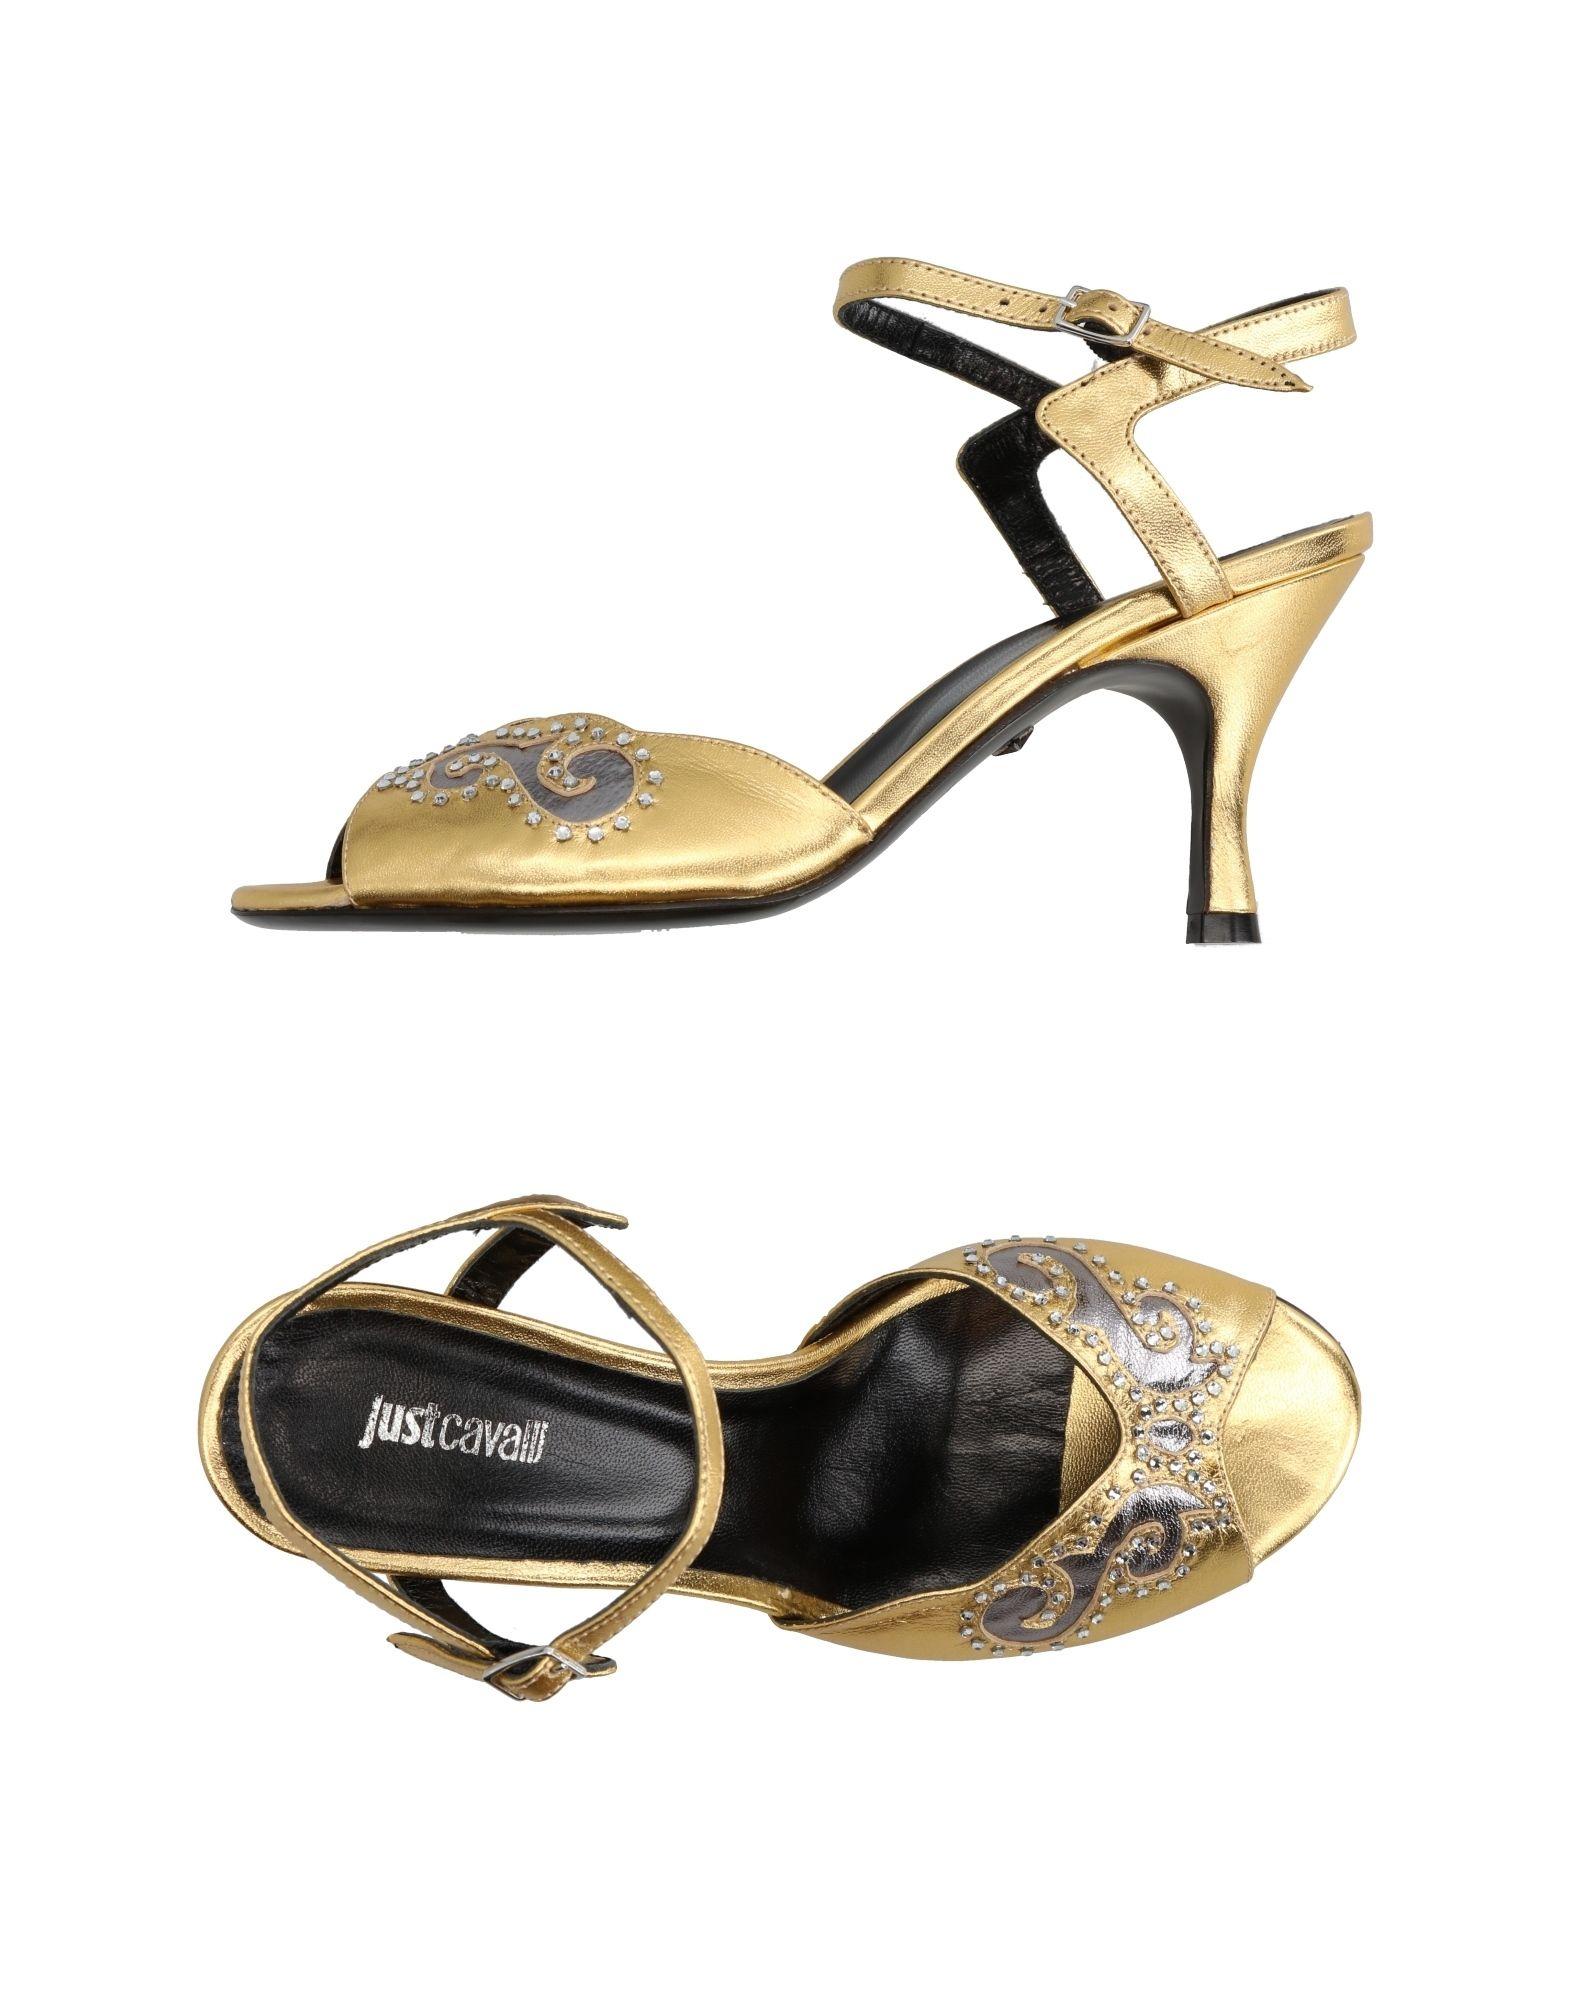 juste cavalli sandales - femmes cavalli l'australie sandales en ligne sur l'australie cavalli - 11297333of 6c2ea5